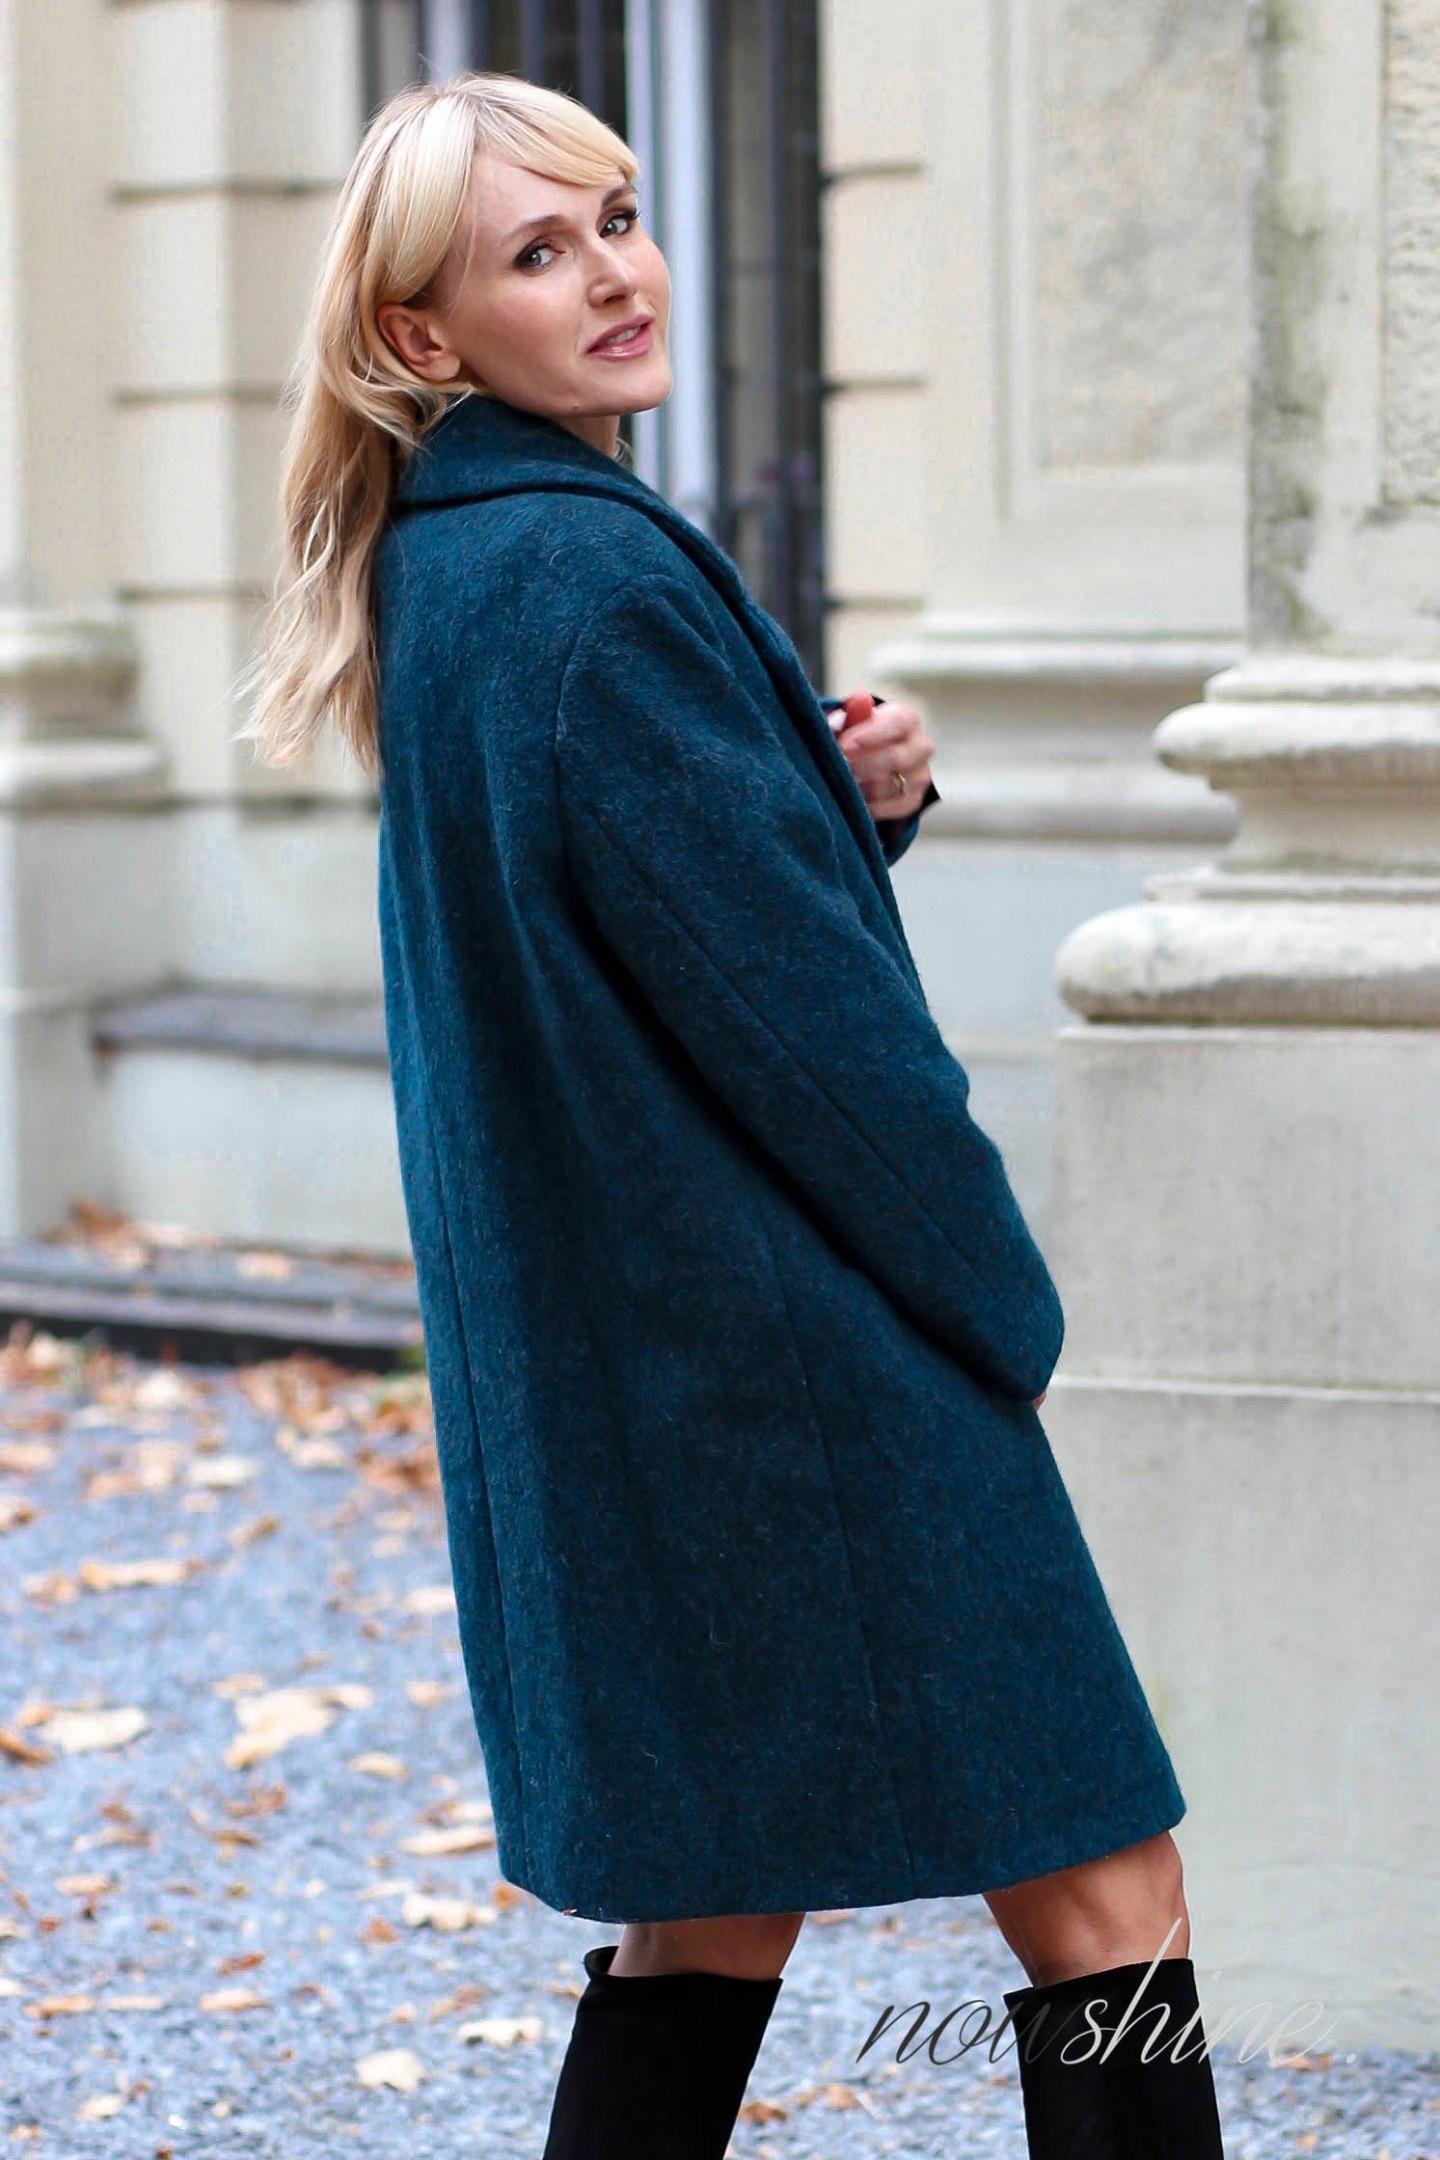 Blazermantel im Oversized-Look von Bonita - Capsule Wardrobe Beispiele - Nowshine ü40 Mode